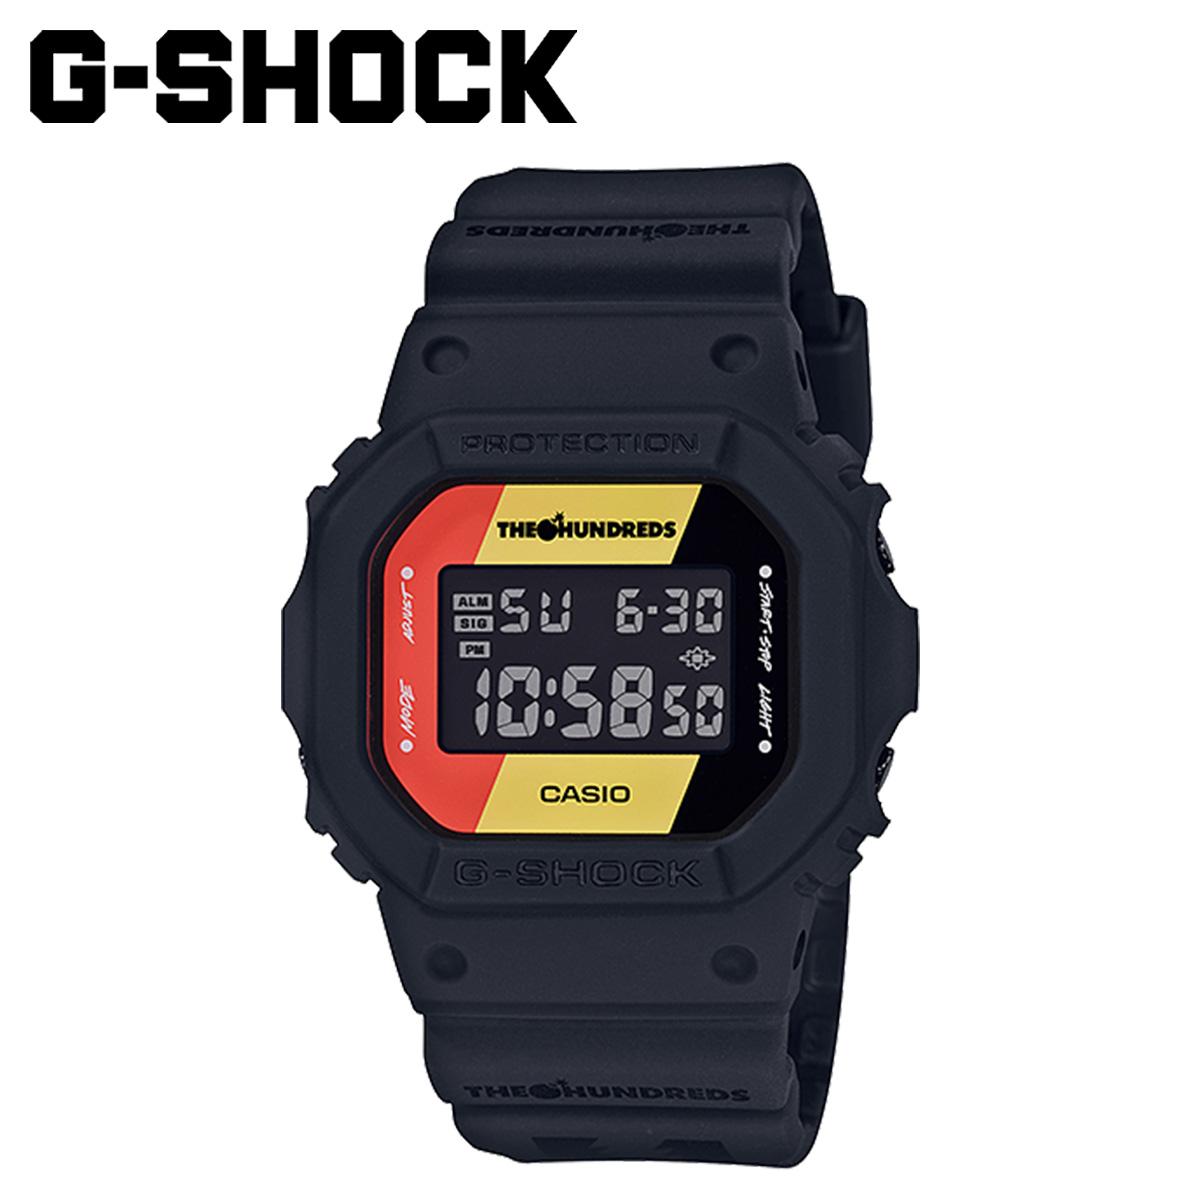 Sugar Online Shop Casio Casio G Shock Watch Dw 5600hdr 1jr The